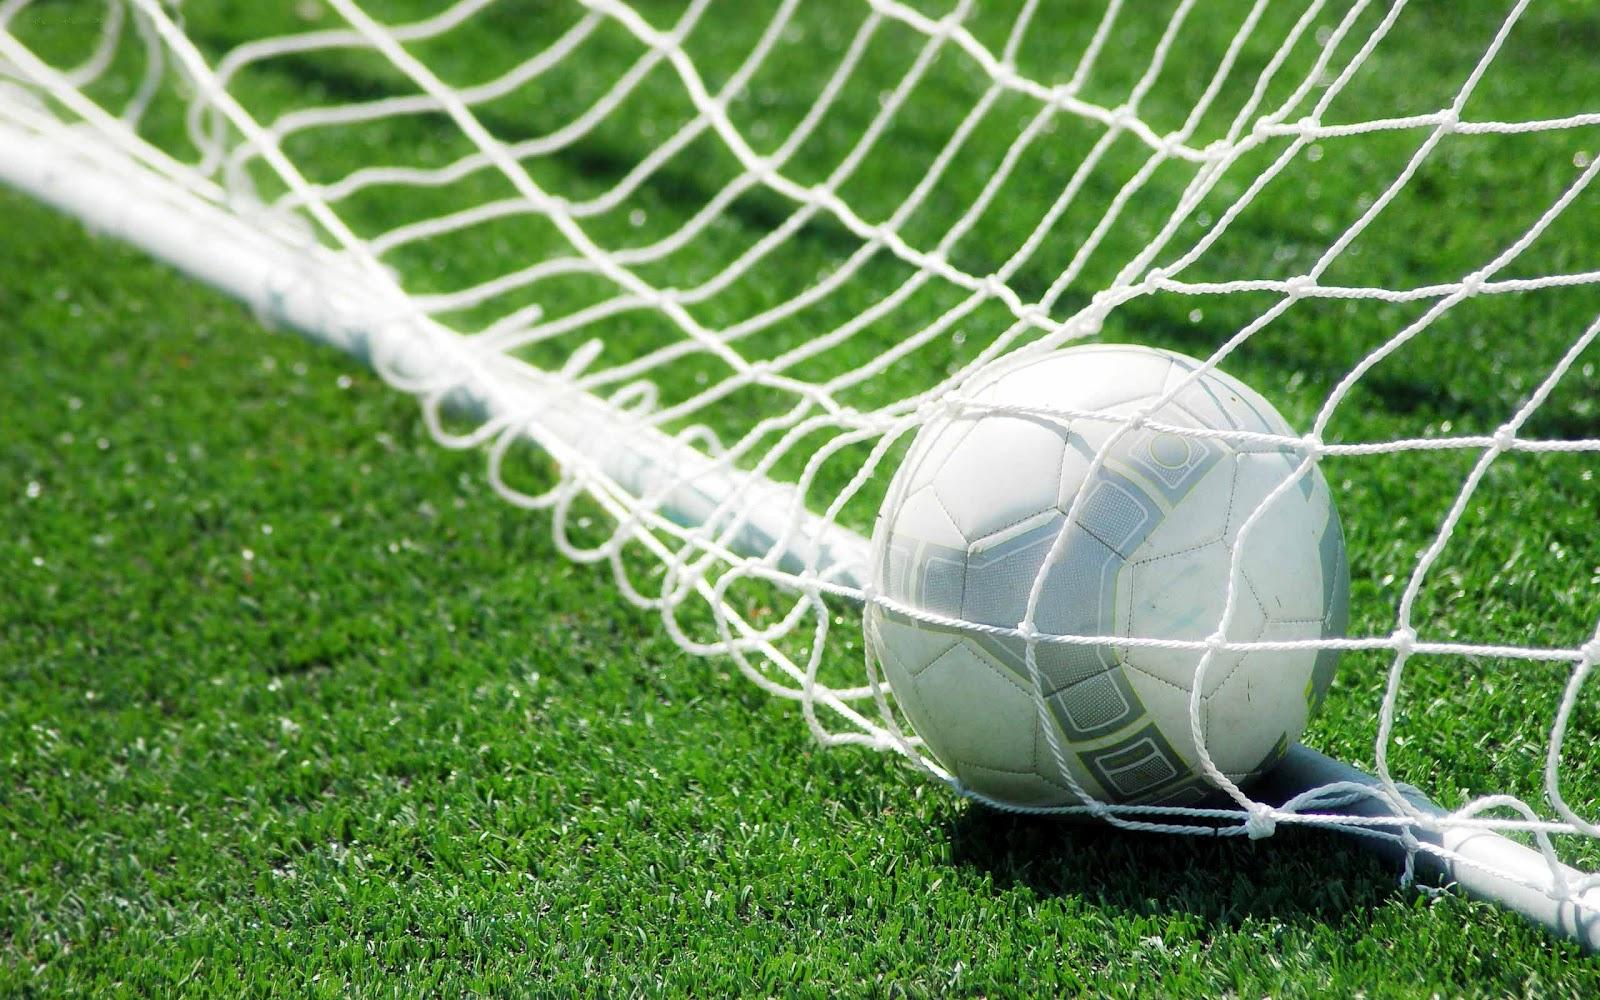 Description Soccer HD Wallpaper is a hi res Wallpaper for pc desktops 1600x1000